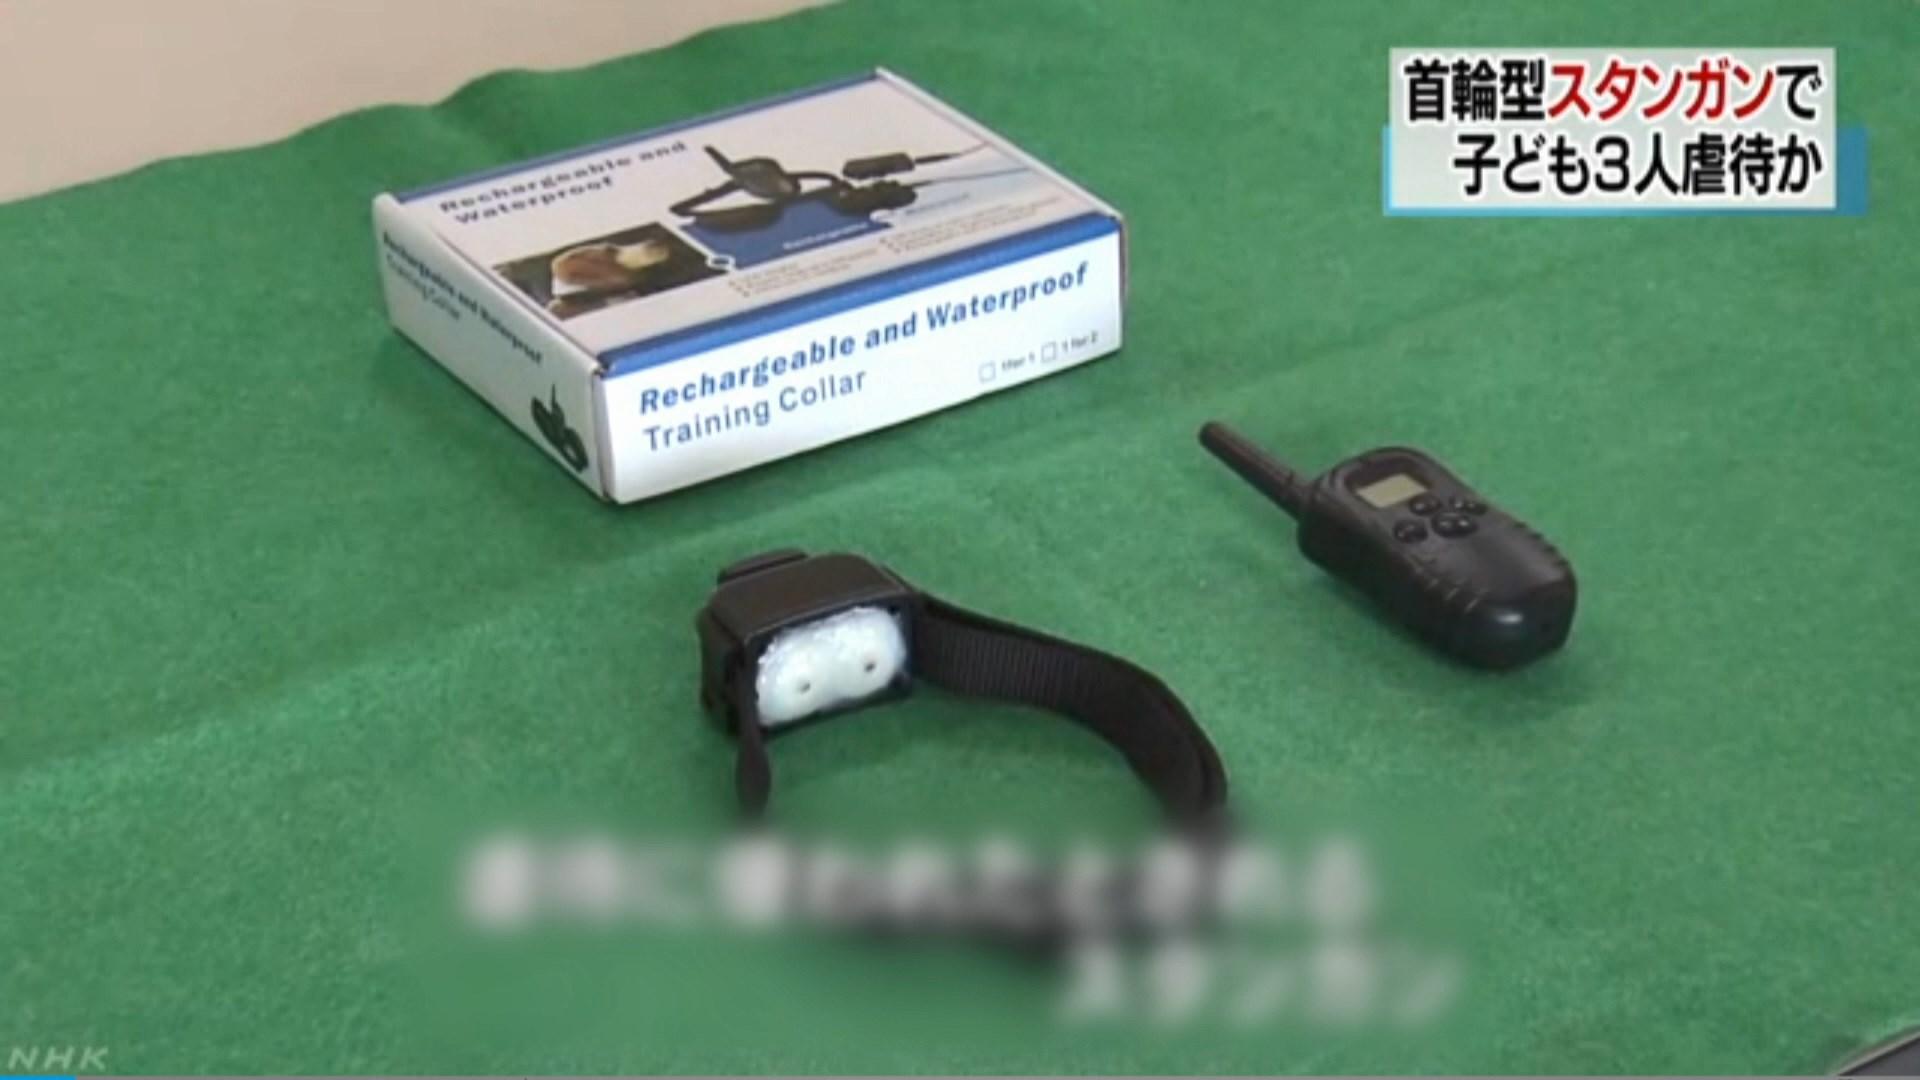 日男子涉以電槍虐待子女被捕